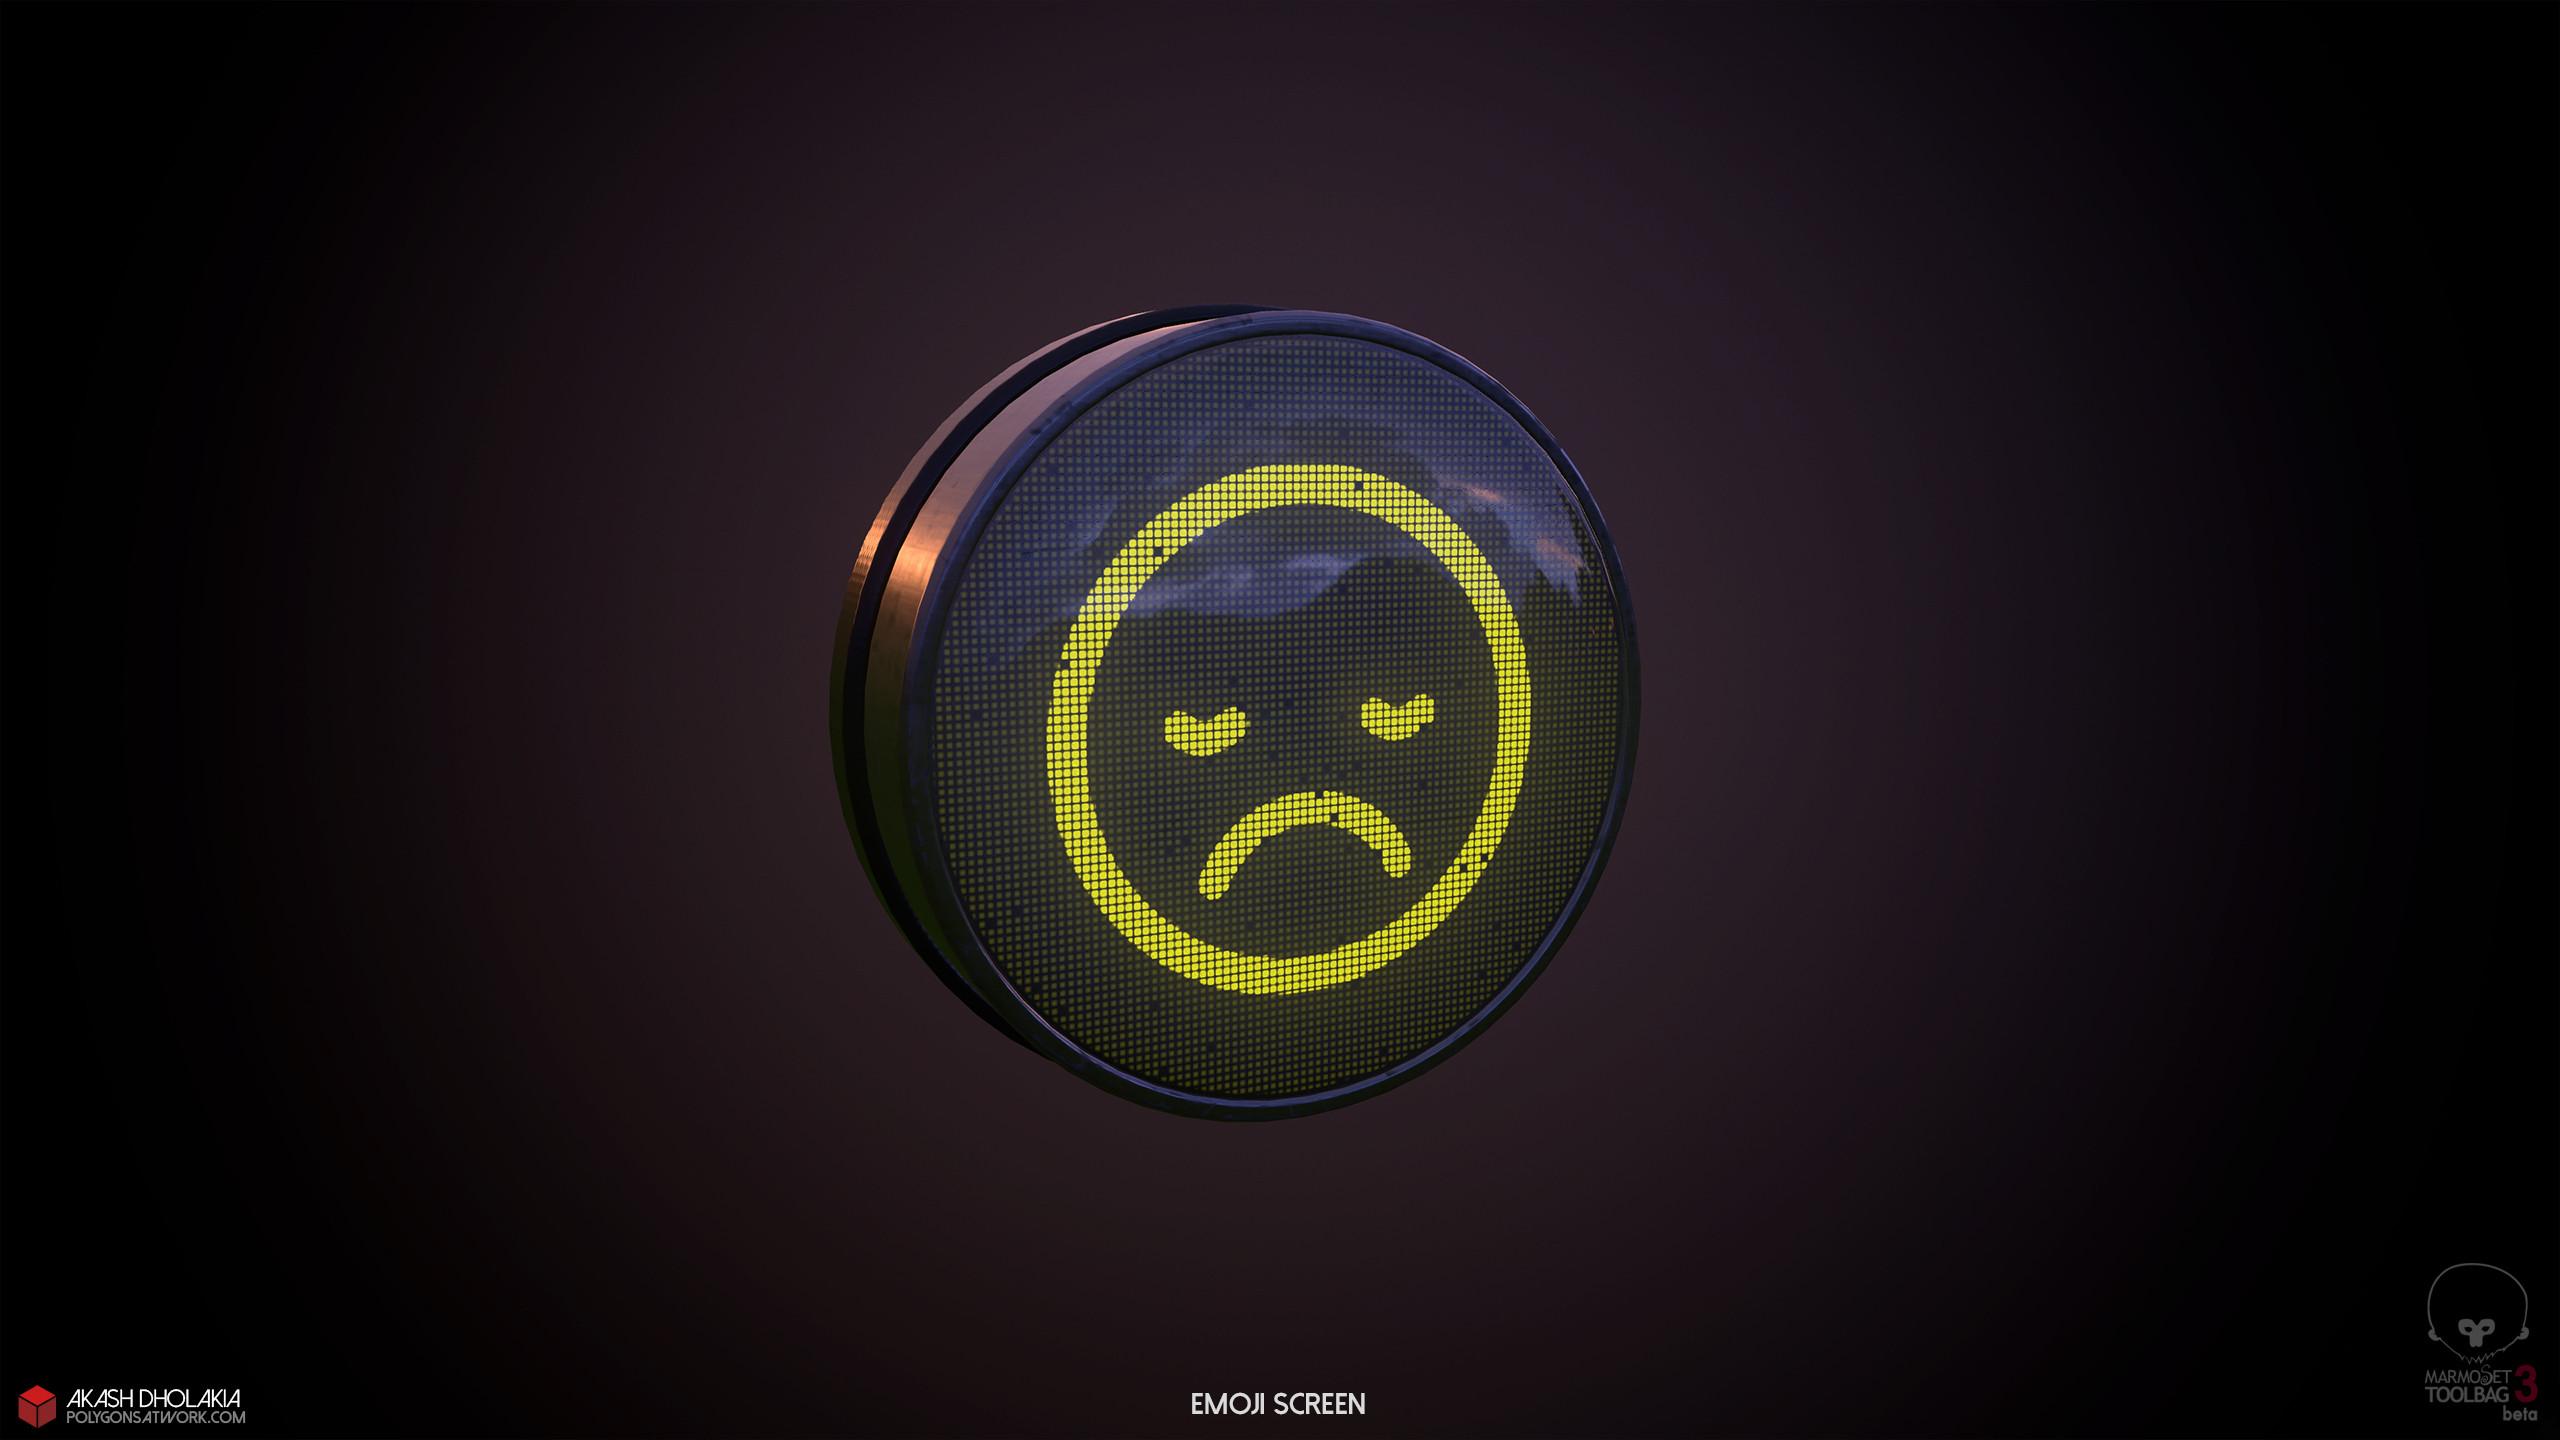 Emoji Sad Face.